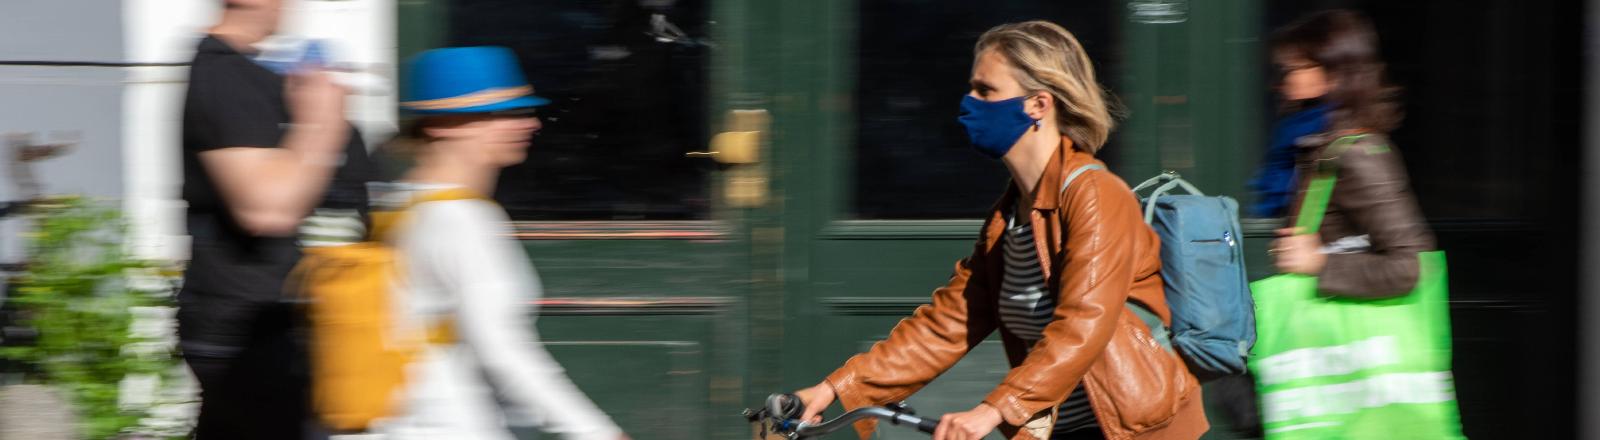 Frau auf Fahrrad mit Maske